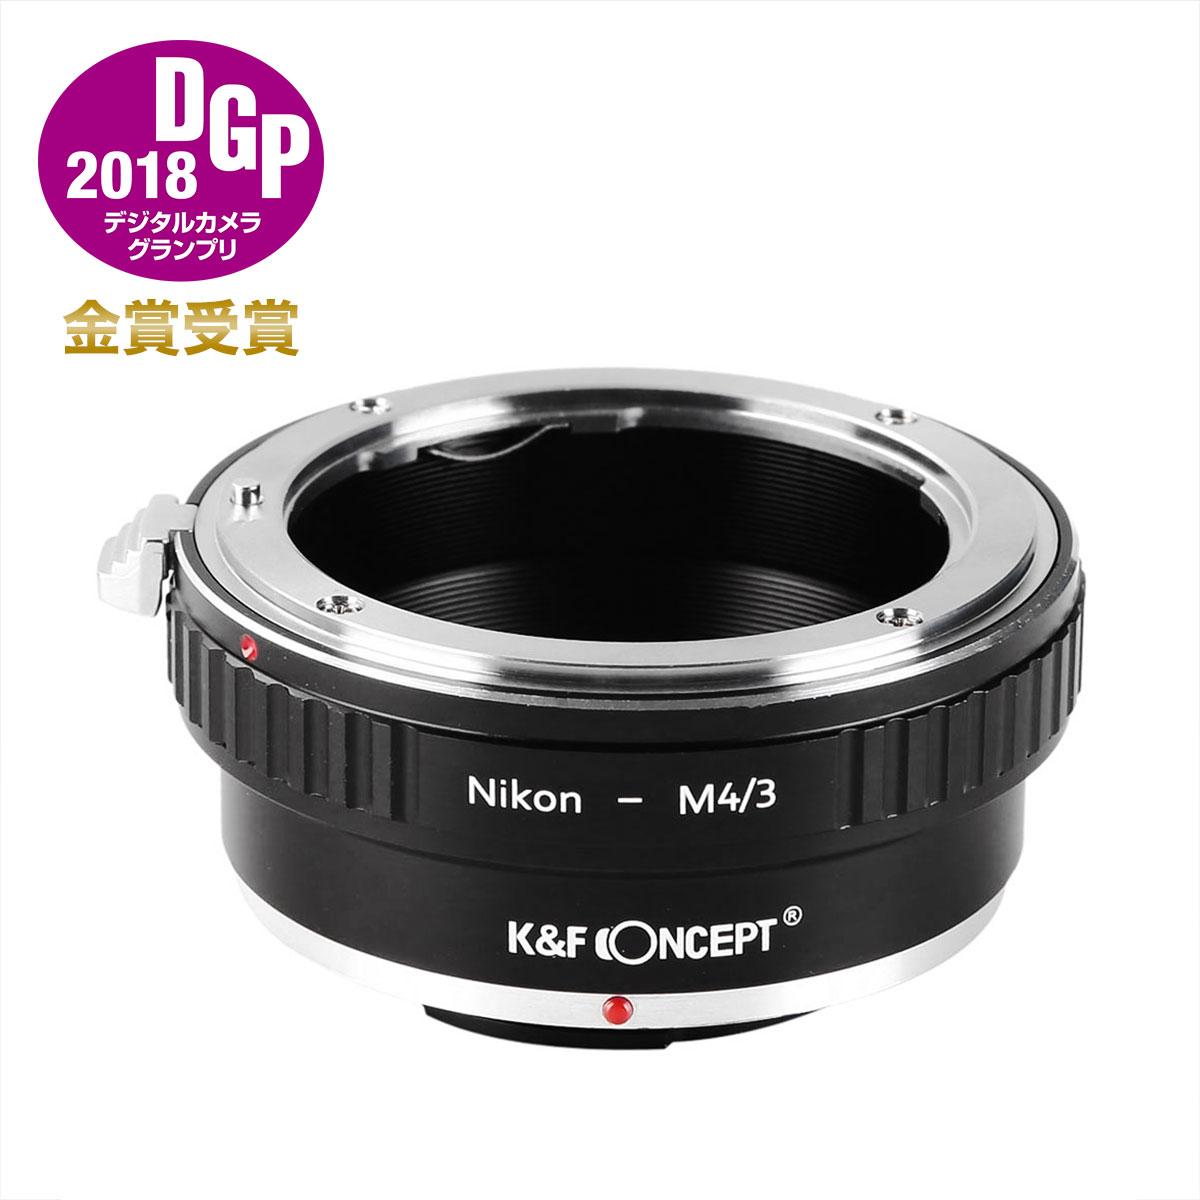 カメラ・ビデオカメラ・光学機器, カメラ用交換レンズ KF Concept KF-NFM43 (F